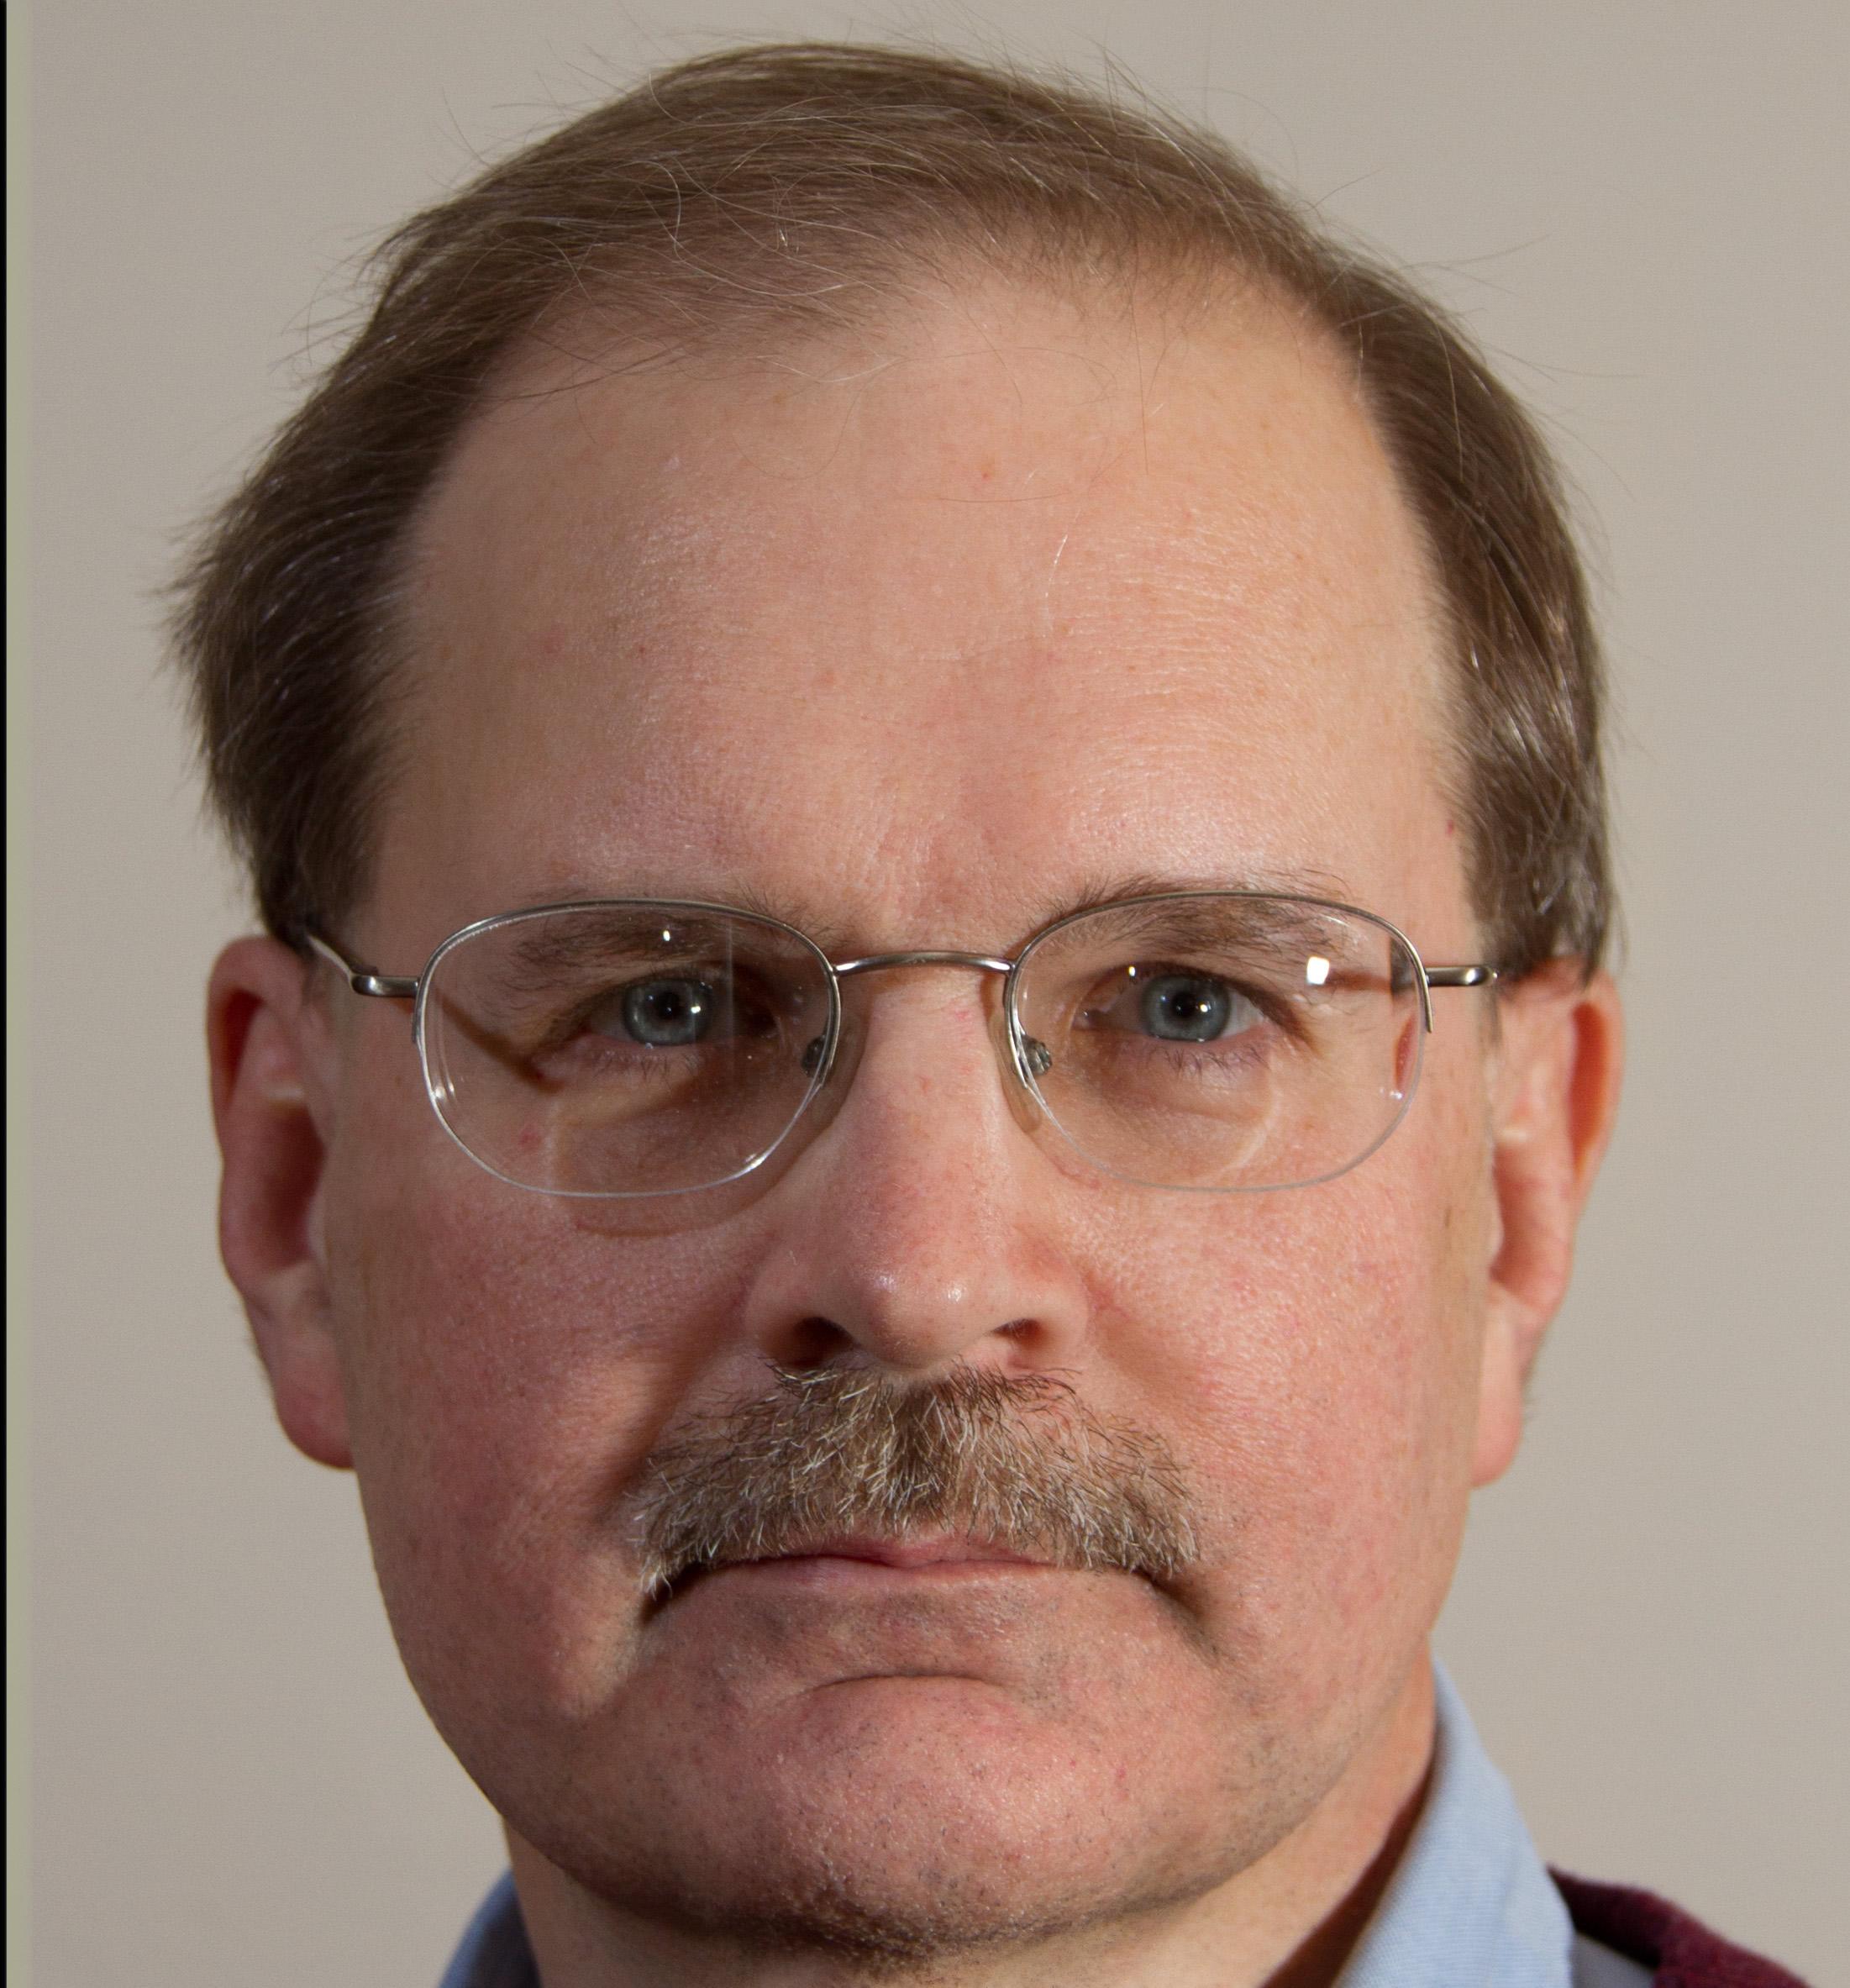 David Steinkraus